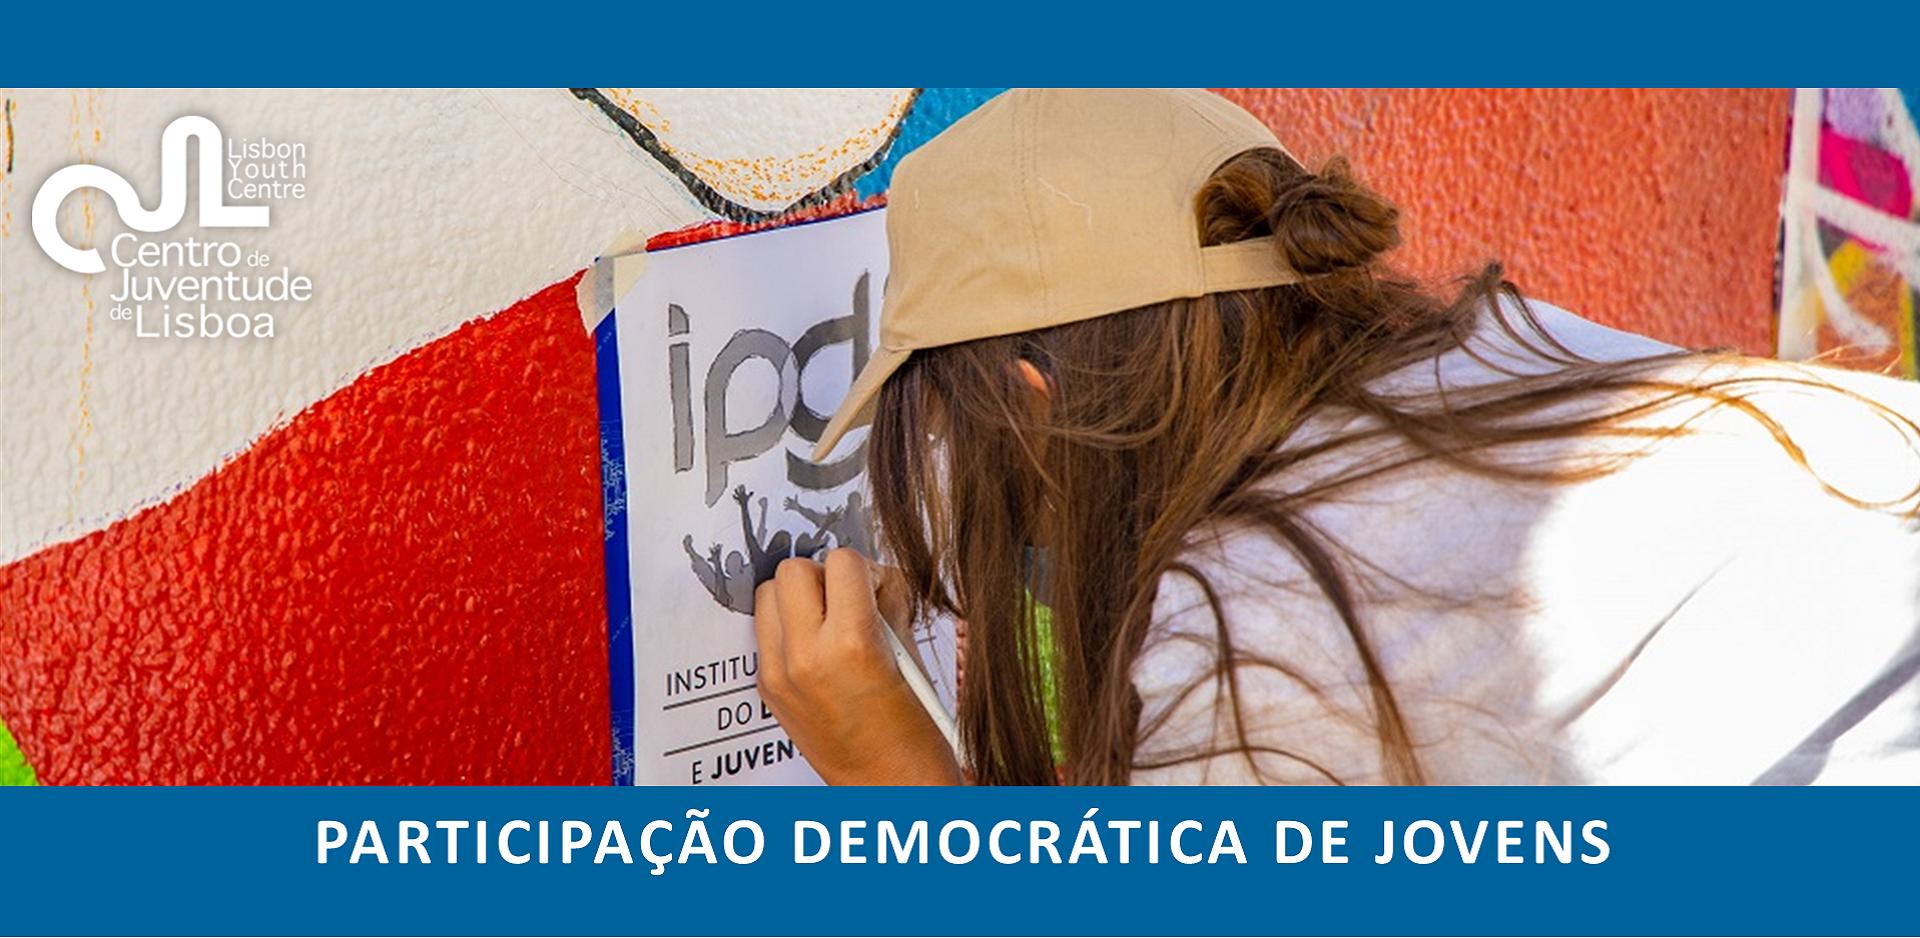 Participação Democrática de Jovens